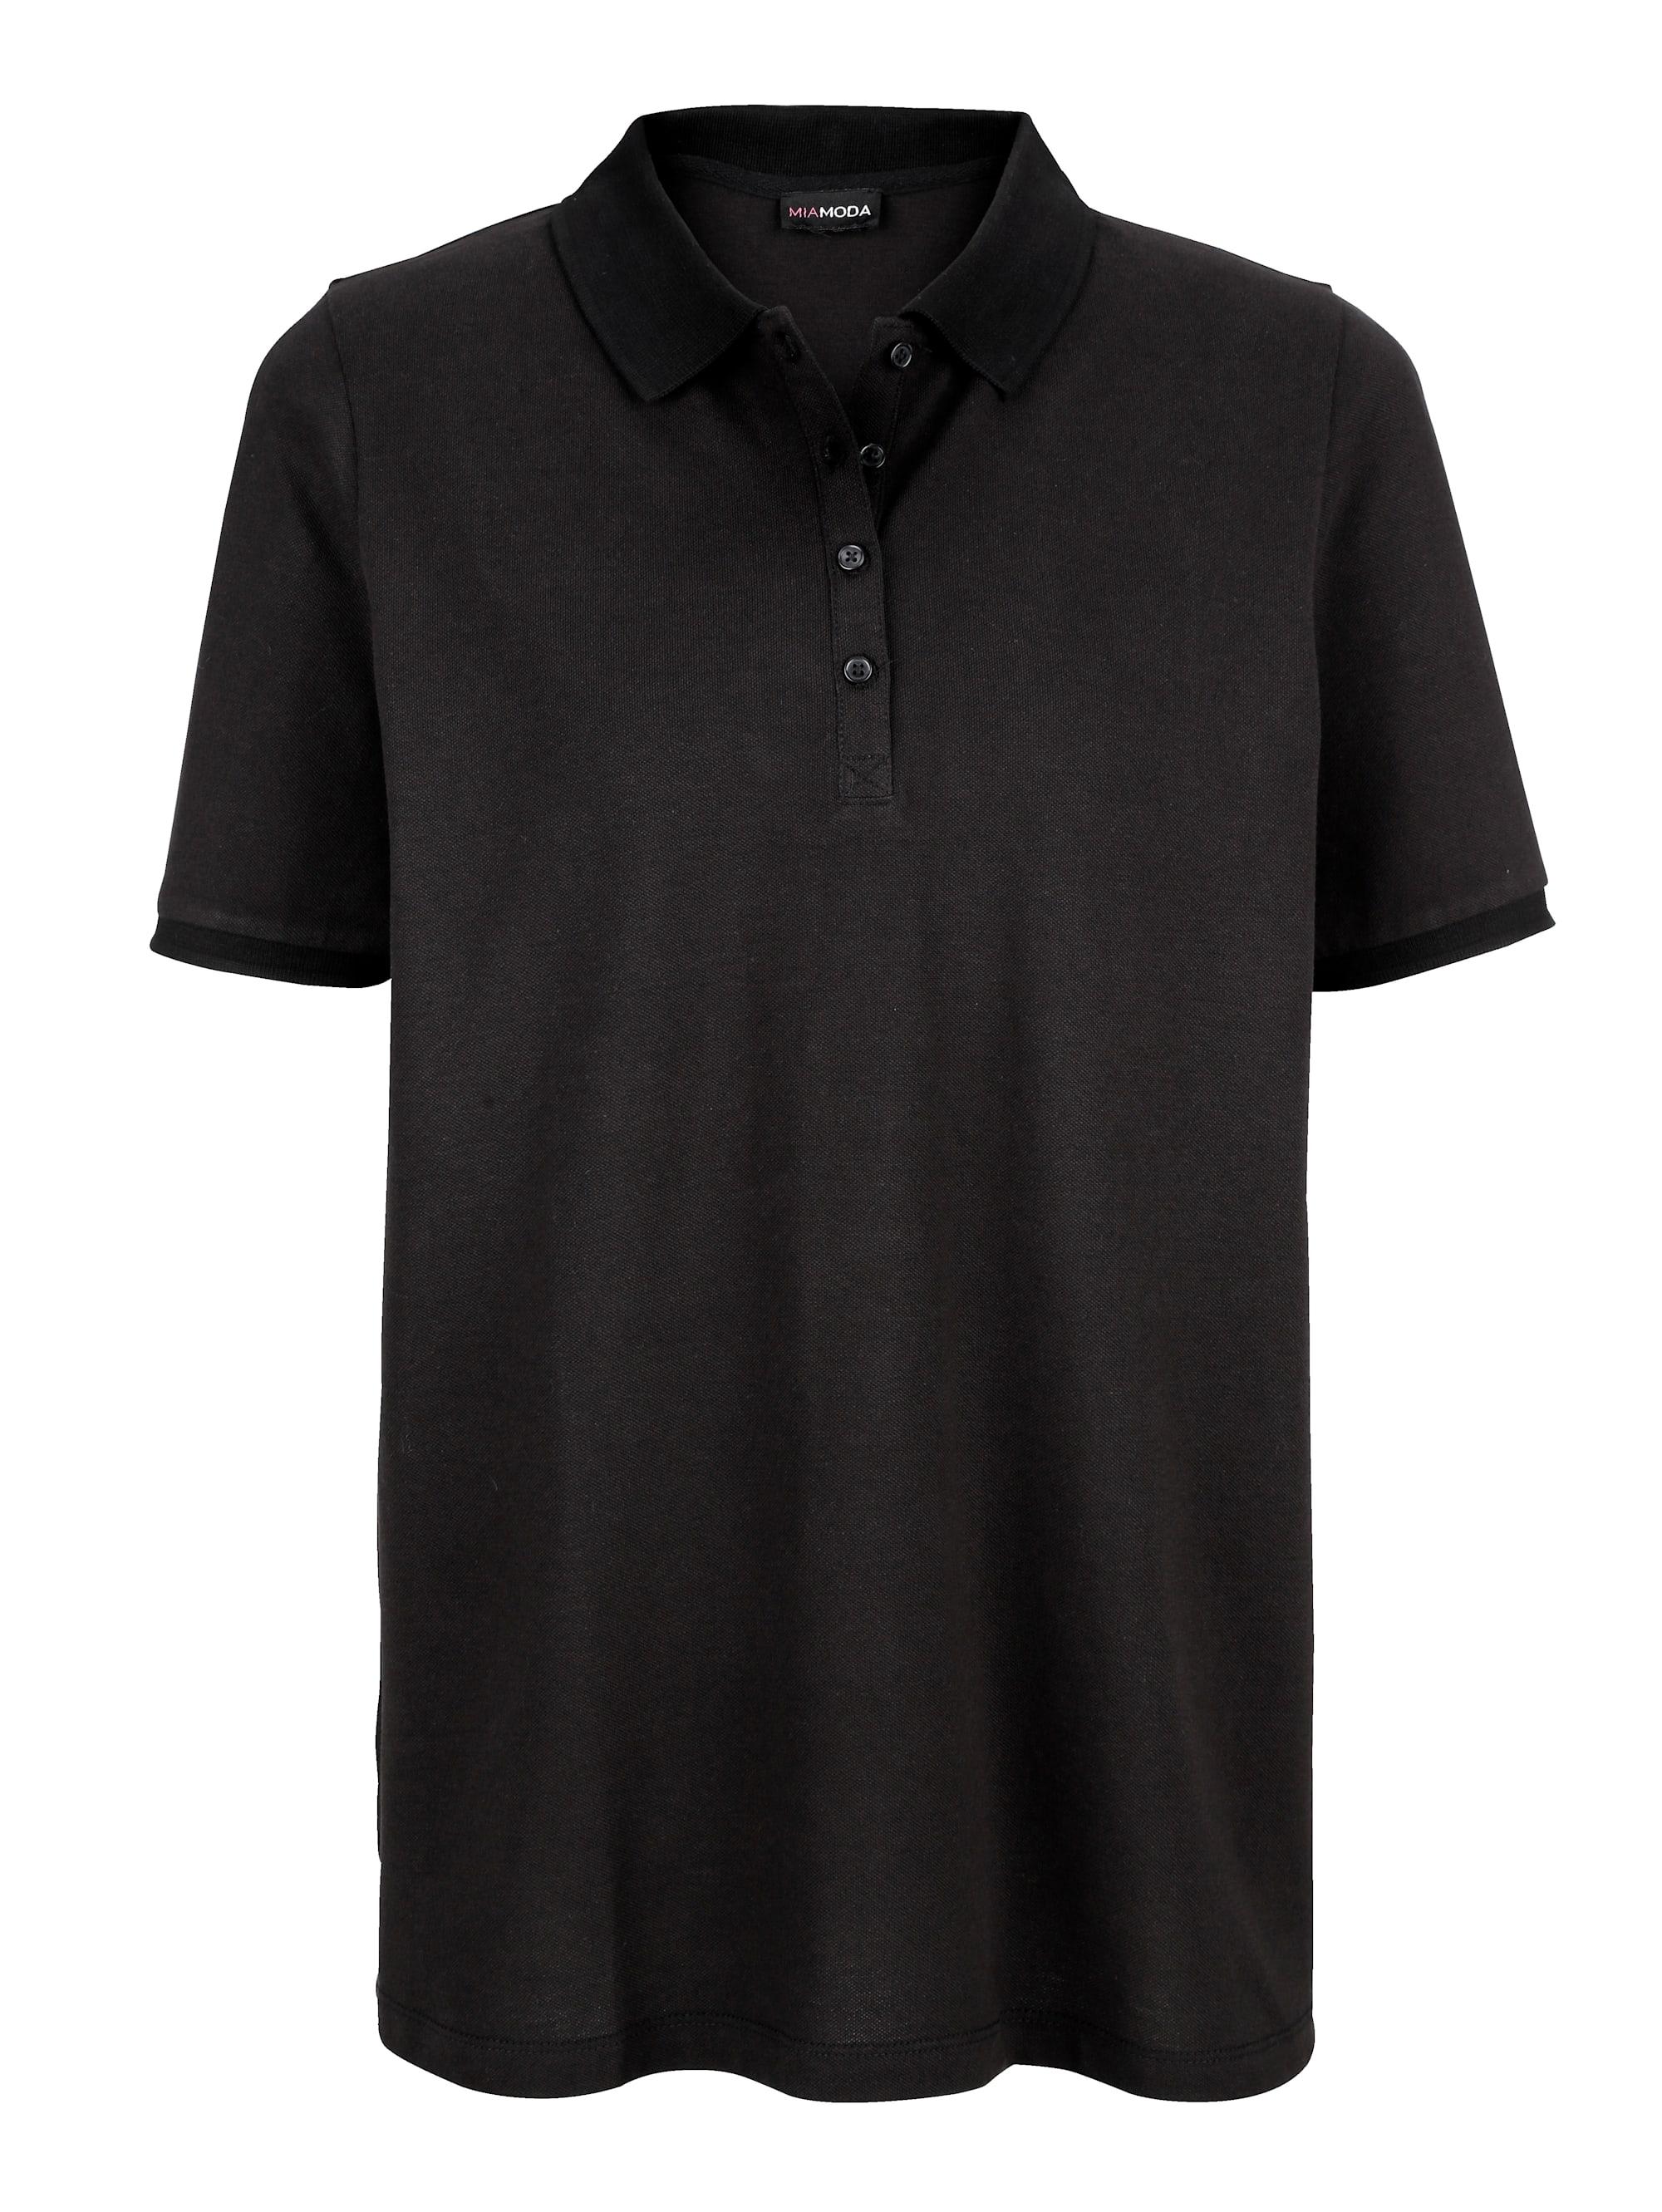 miamoda -  Poloshirt, aus leicht strukturiertem Baumwollmaterial